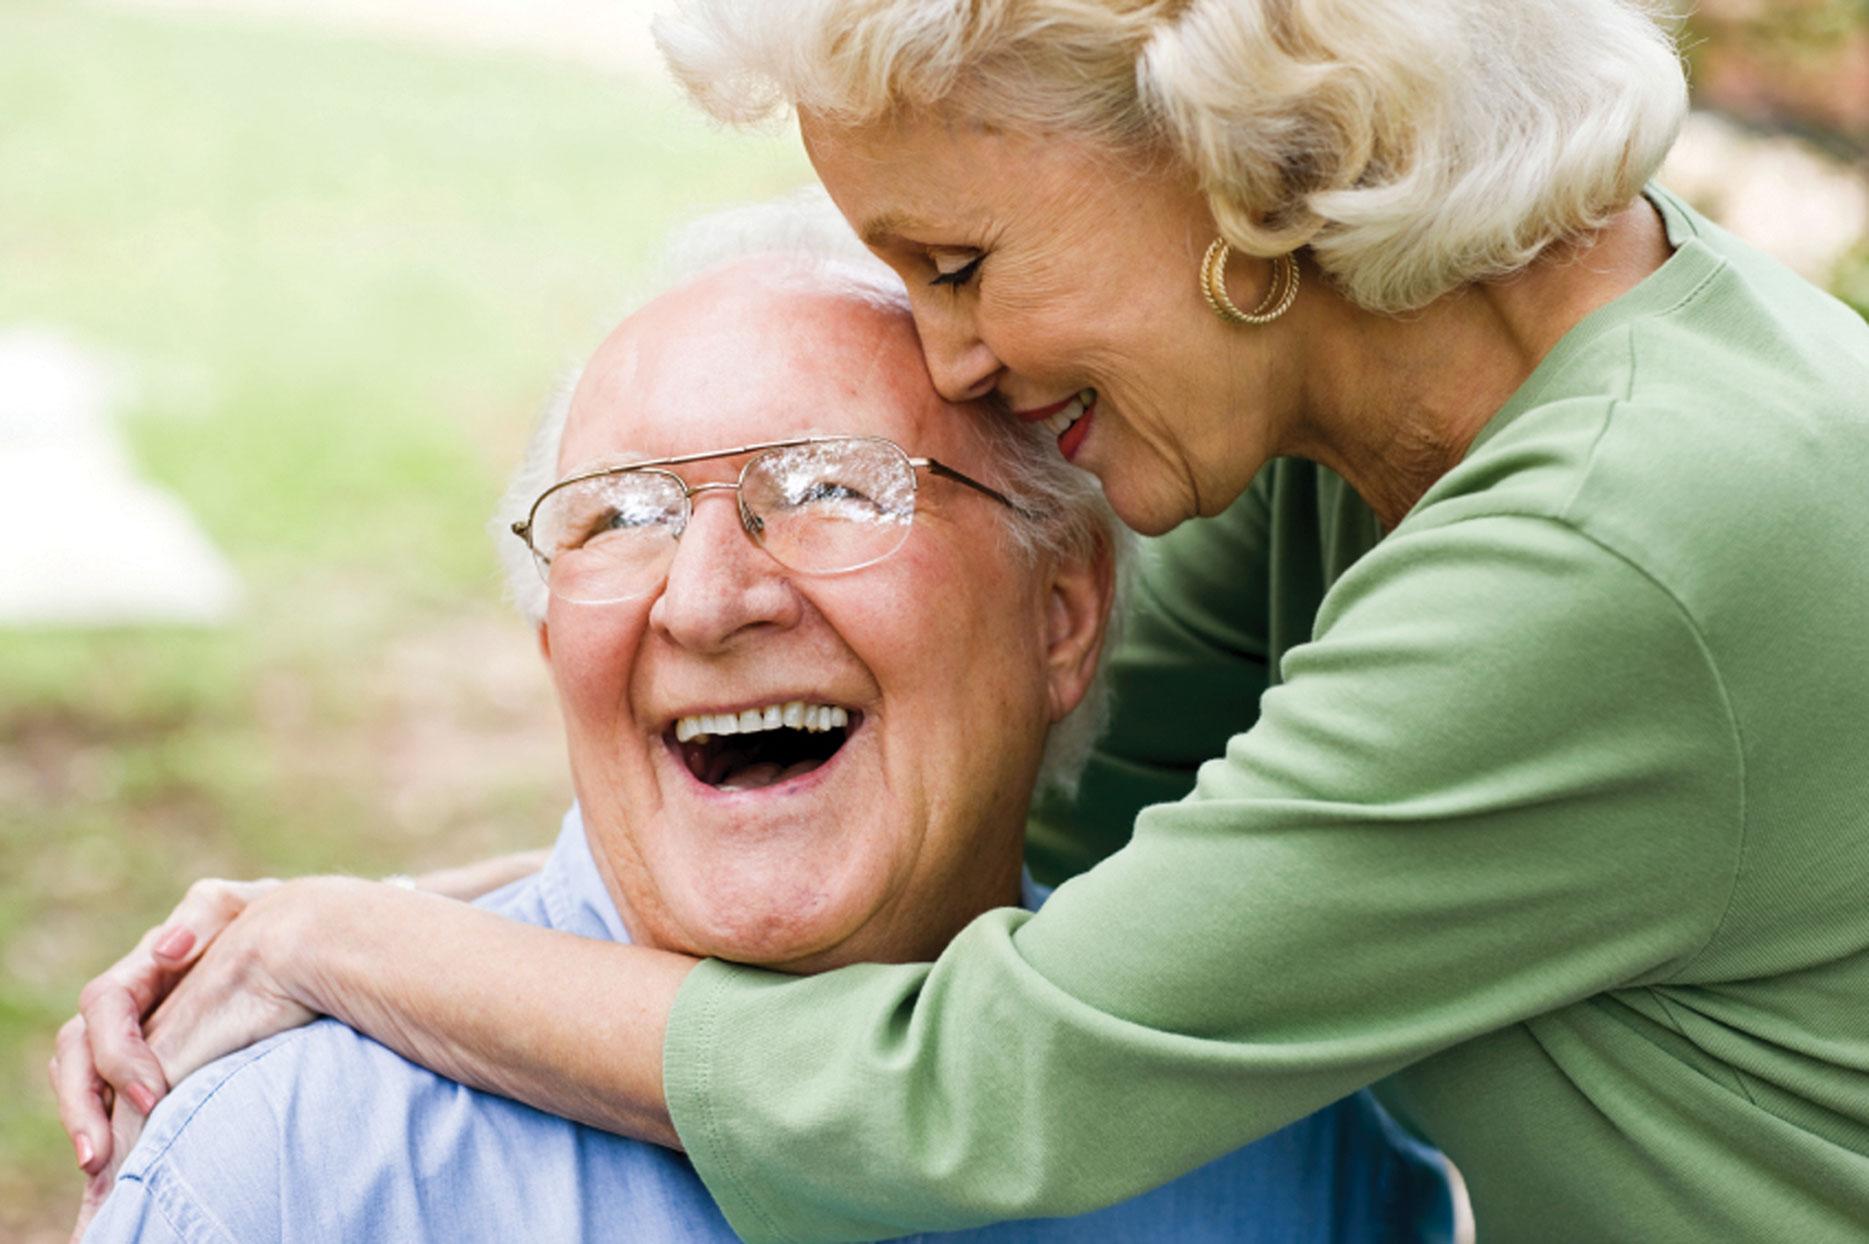 İnsan doğası gereği, insanların yaşlanması ile birlikte beyin hücrelerinde bazı kayıplar yaşanır.